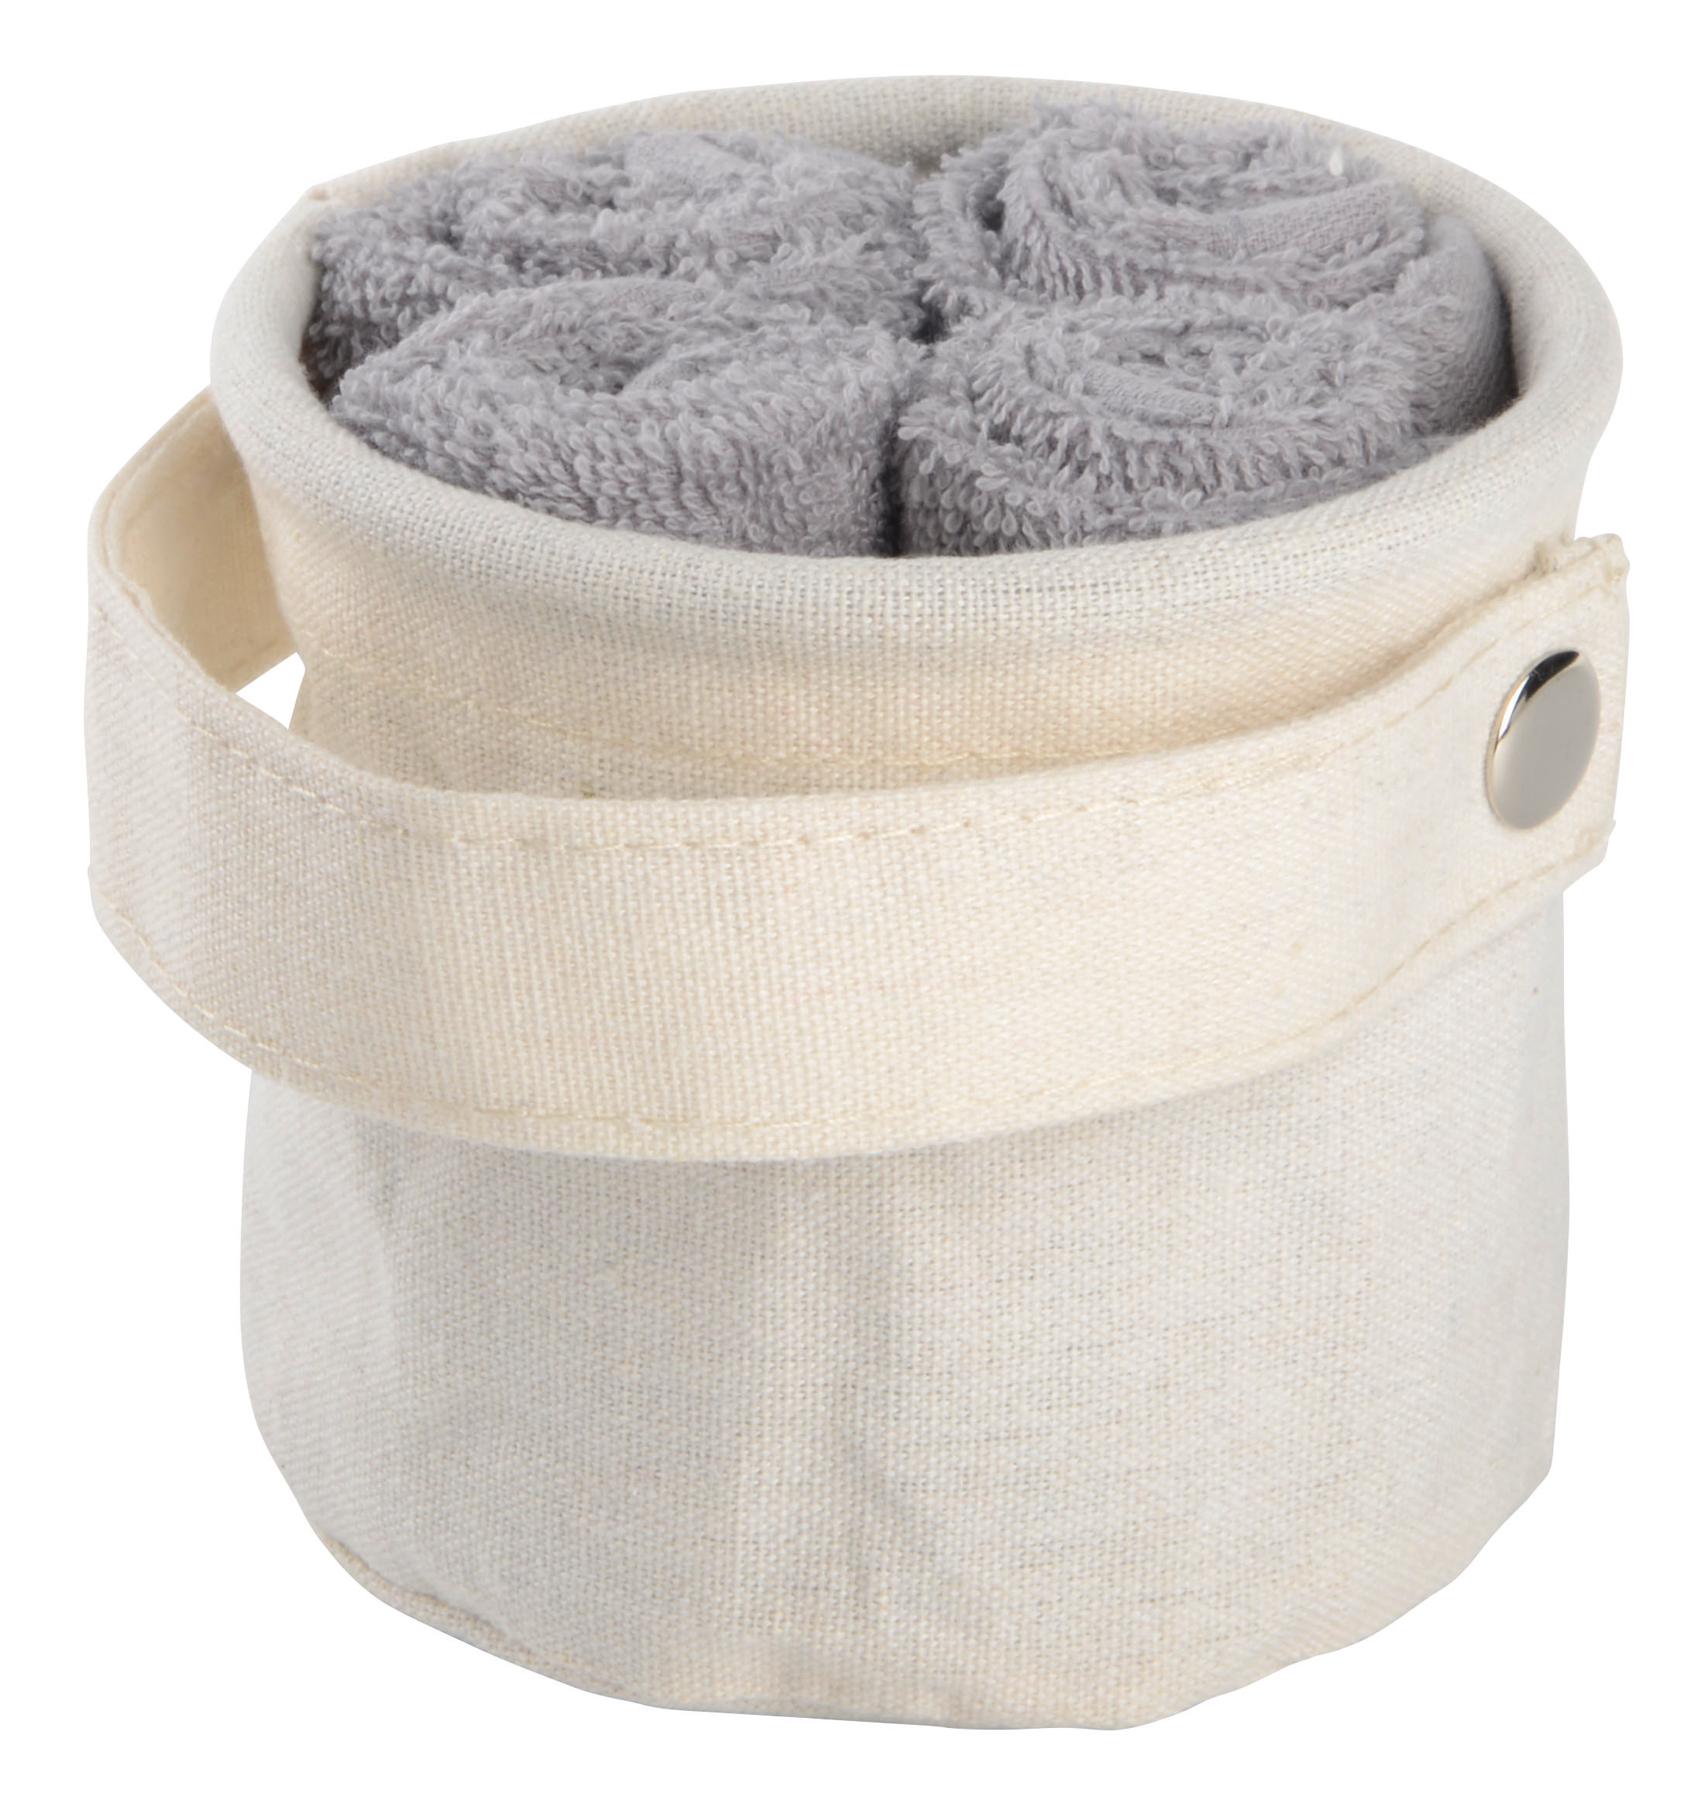 Zestaw ręczników DRY OFF, szary